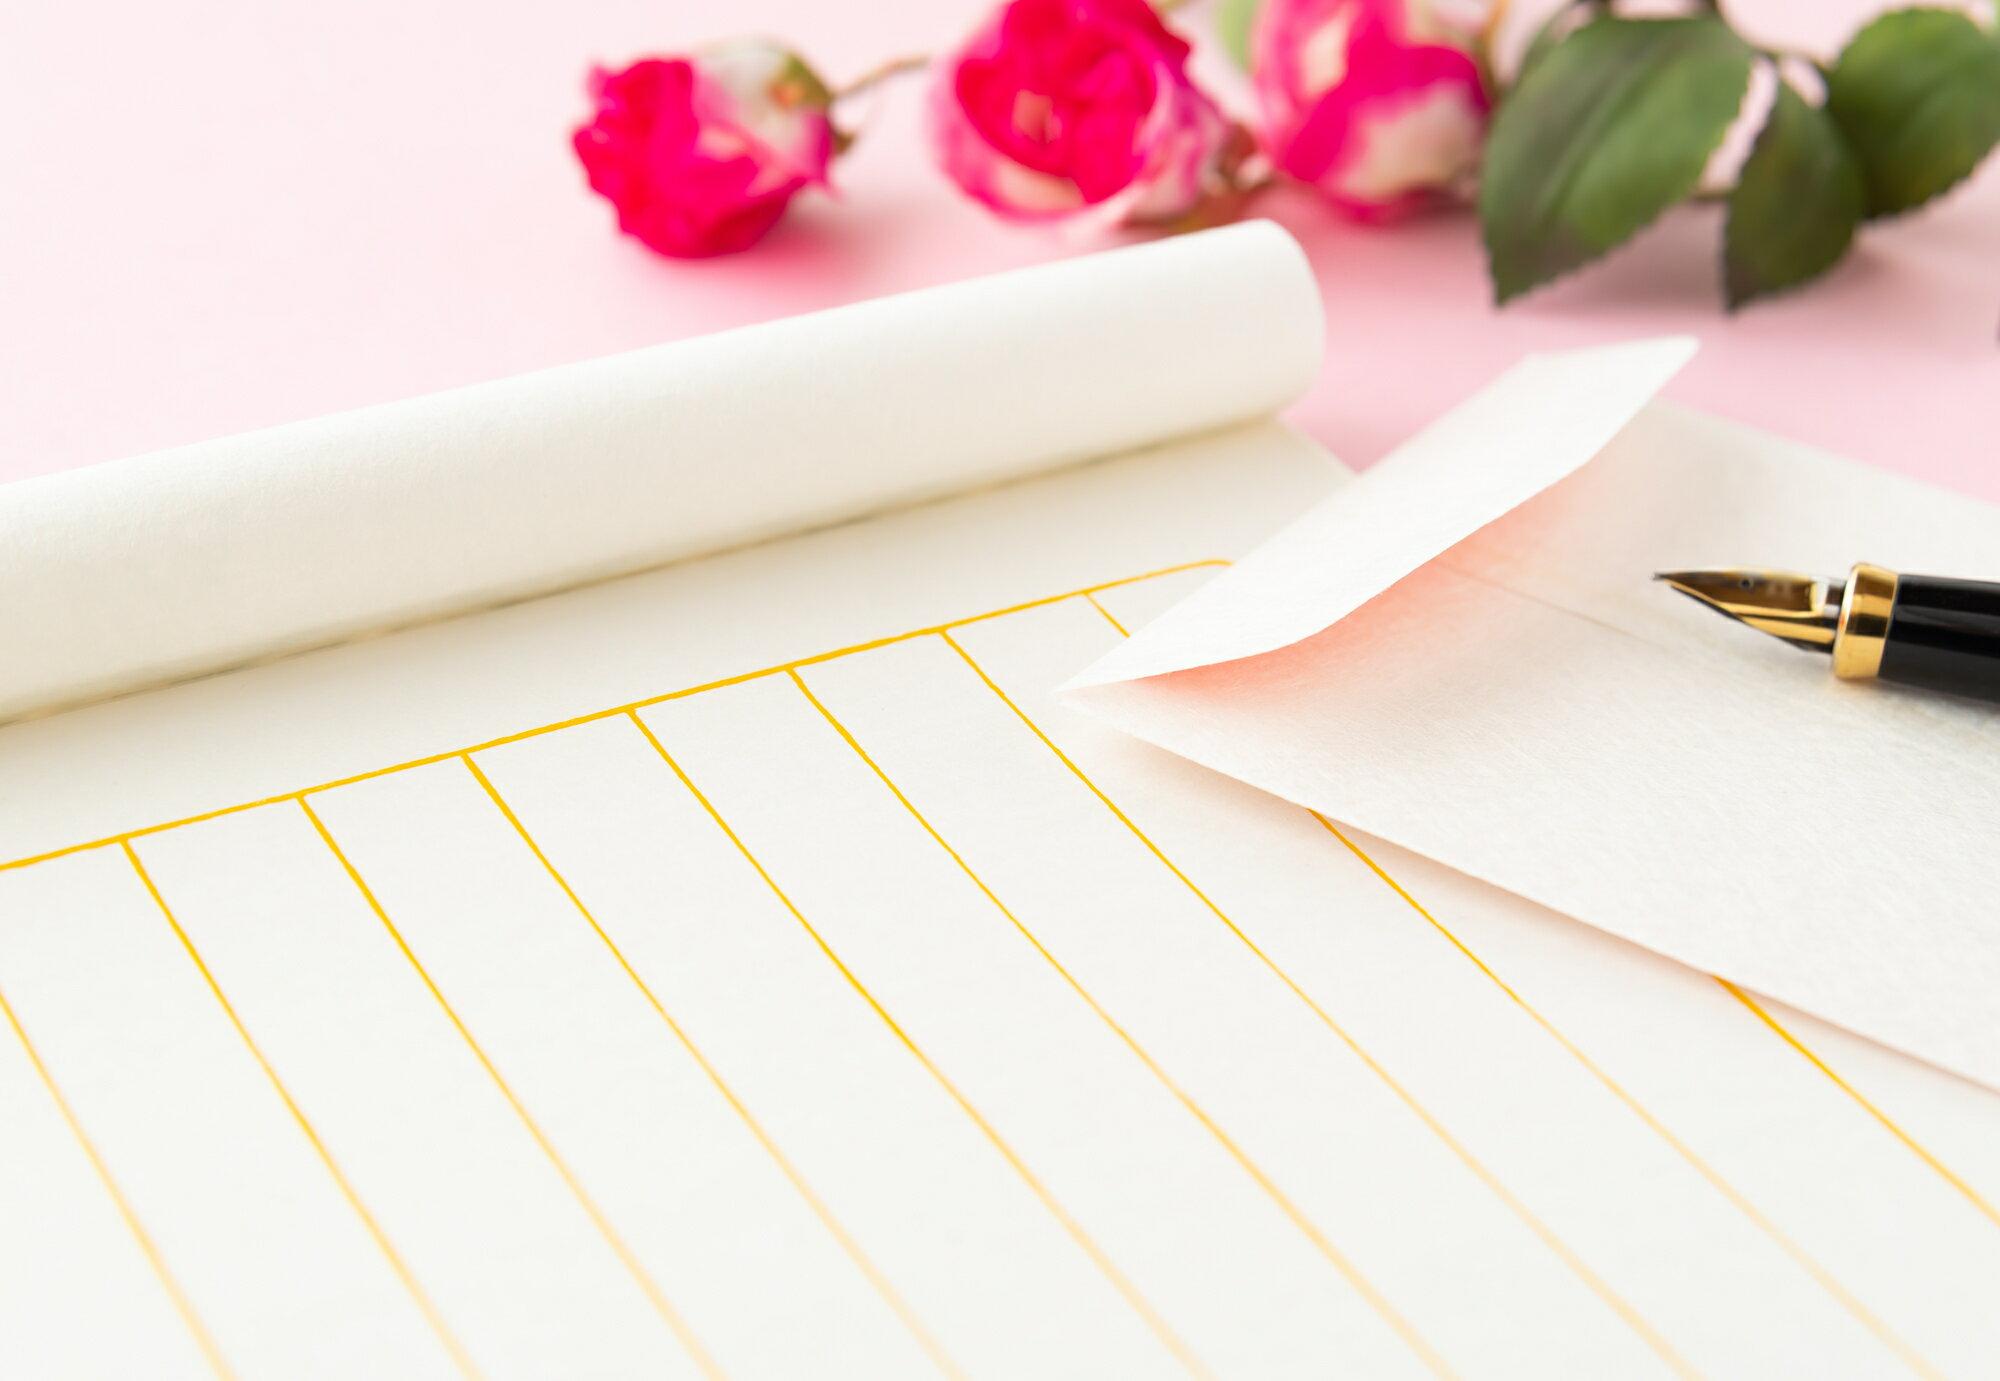 お中元の挨拶状やお礼状の文例を紹介イメージ